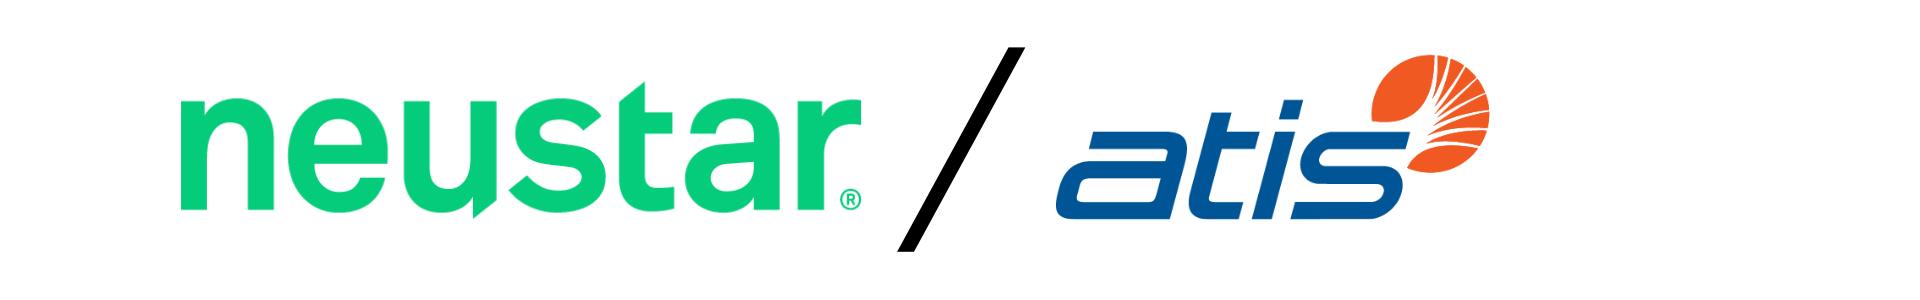 image neustar and atis logos